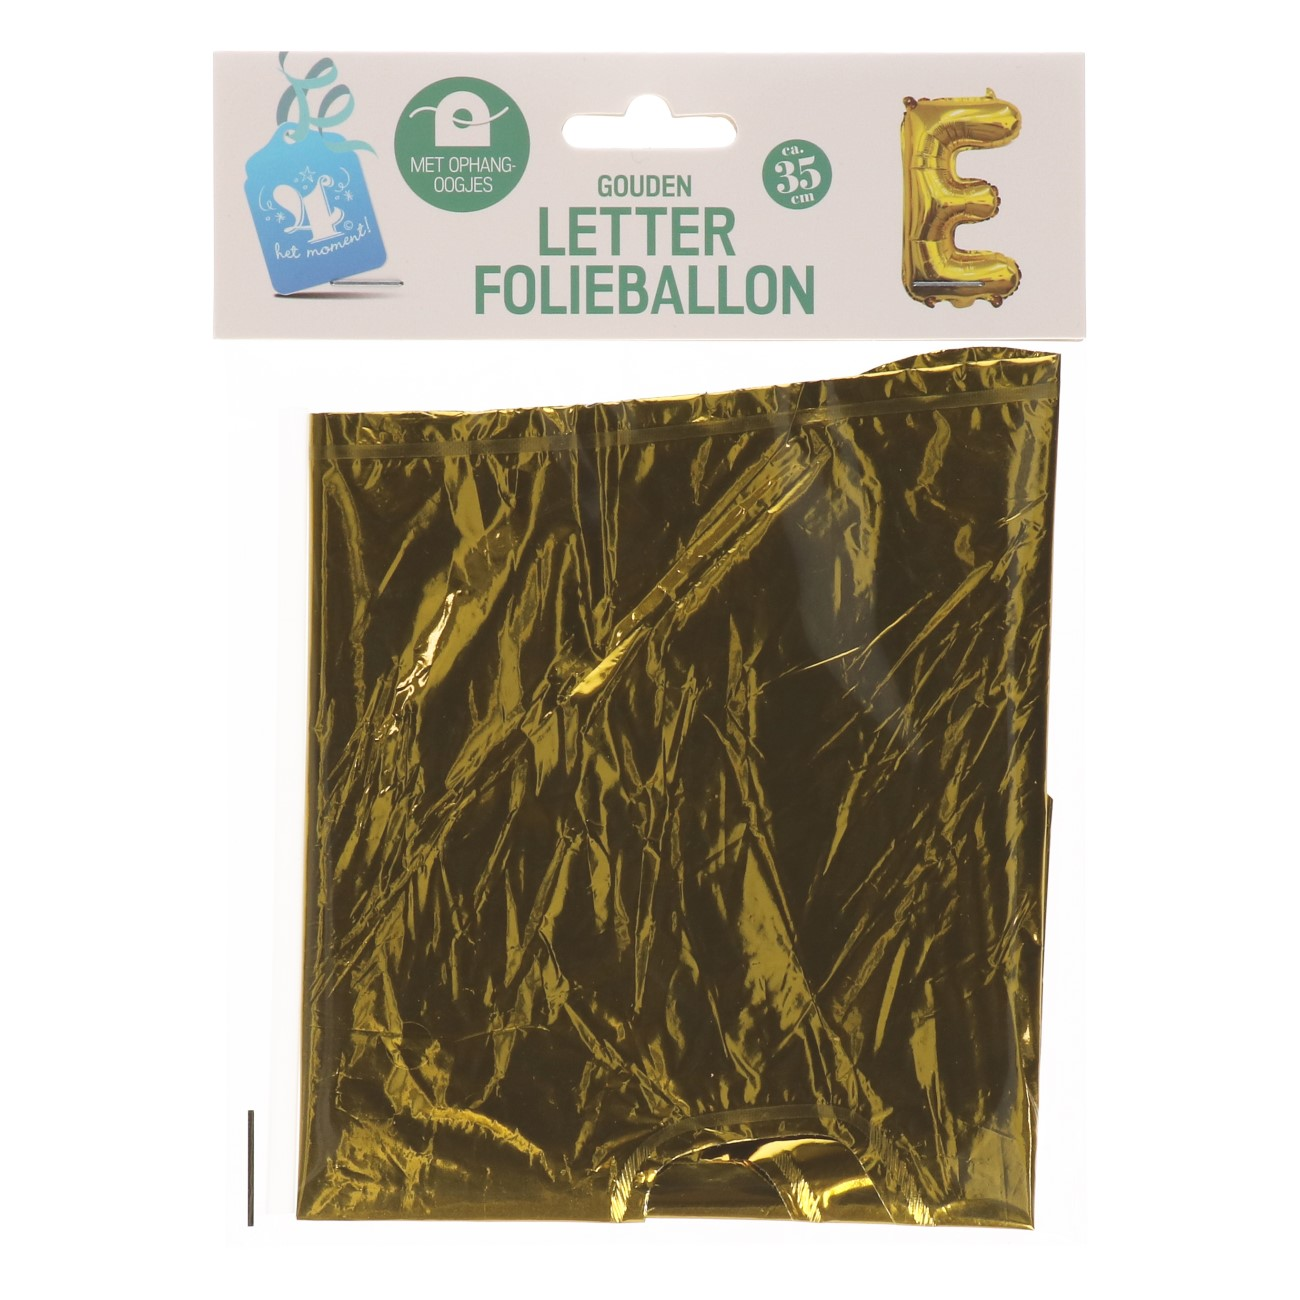 Folieballon letter goud E